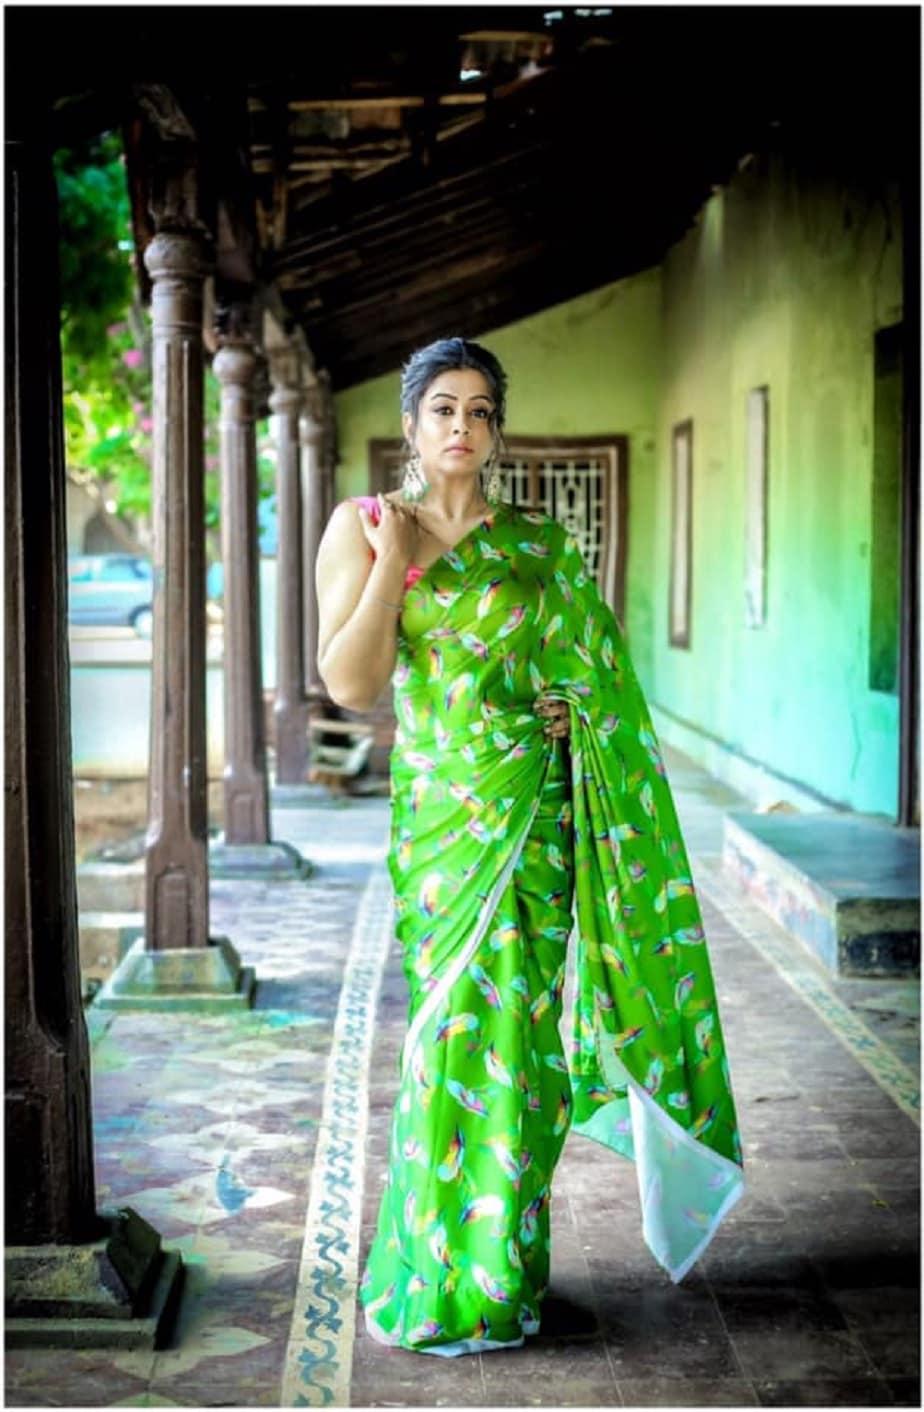 ಶಾರುಖ್ ಖಾನ್ ಮತ್ತು ದೀಪಿಕಾ ಪಡುಕೋಣೆ ಜೋಡಿಯ 'ಚೆನ್ನೈ ಎಕ್ಸ್ಪ್ರೆಸ್' ಚಿತ್ರದಲ್ಲಿ ವಿಶೇಷ ಹಾಡಿನಲ್ಲಿ ಕಾಣಿಸಿಕೊಂಡಿದ್ದರು.